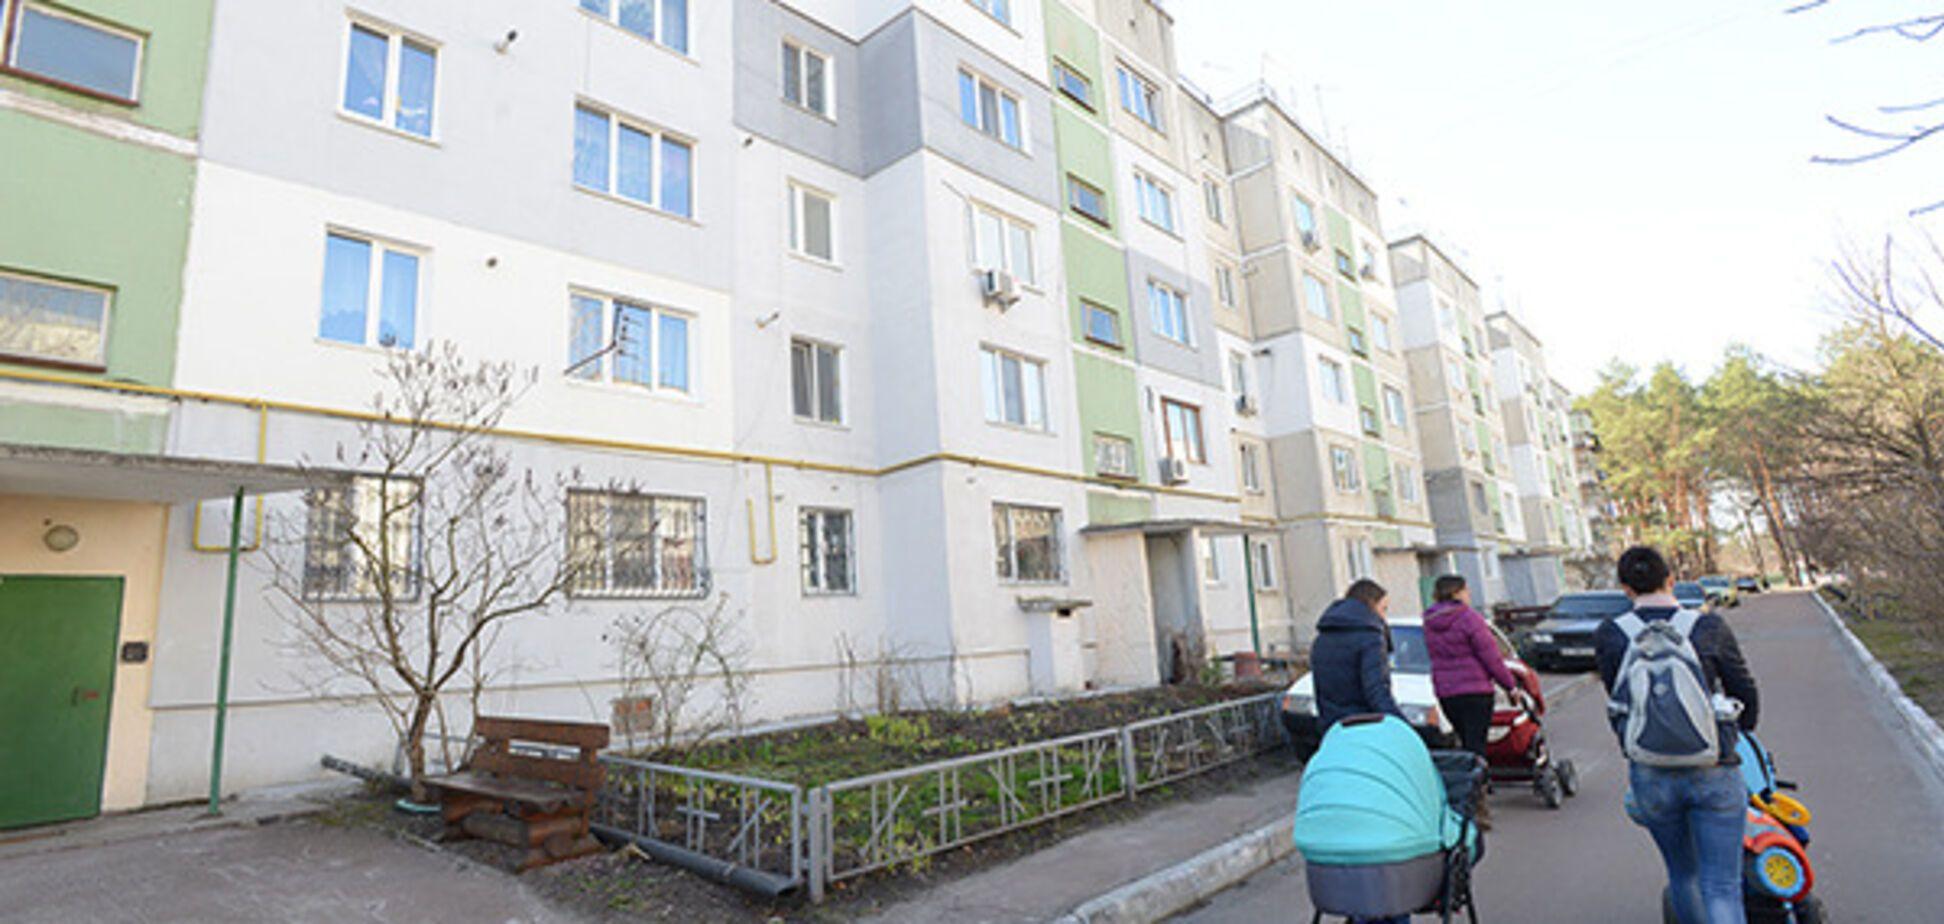 Кричущий випадок під Києвом: квартиру продали на торгах за борг у 40 тис. грн